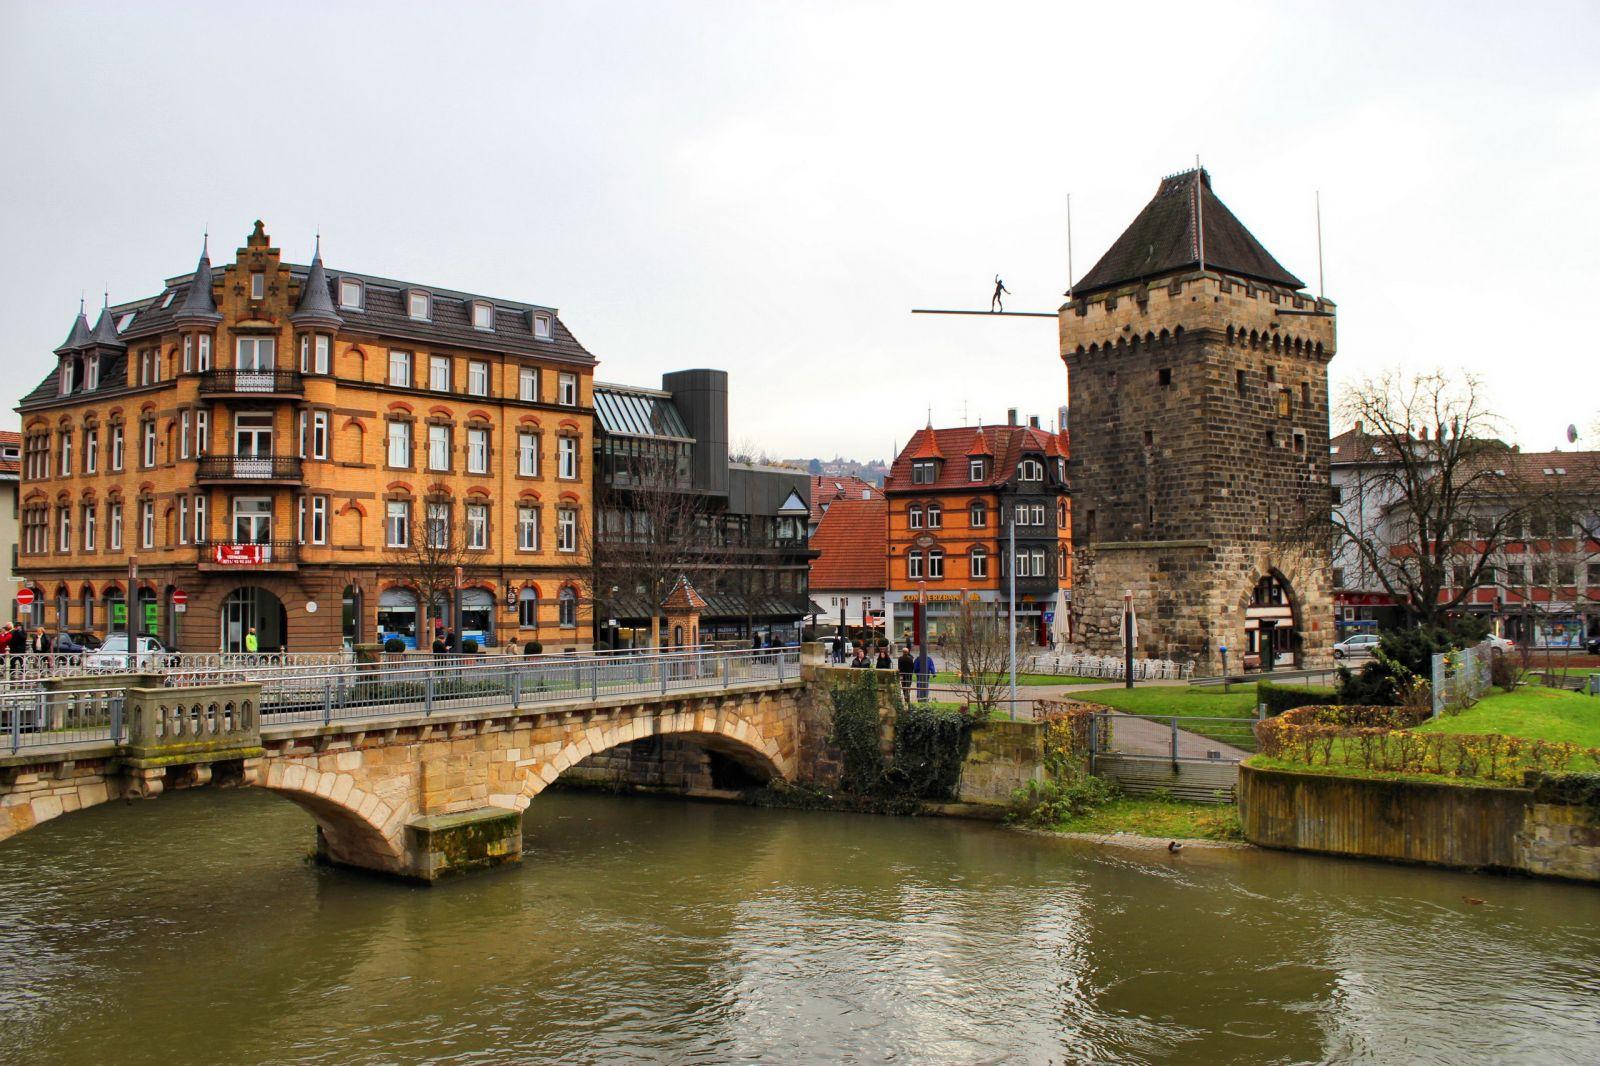 Виза в Бельгию получение в 2019 году, туристическая виза в Бельгию цена